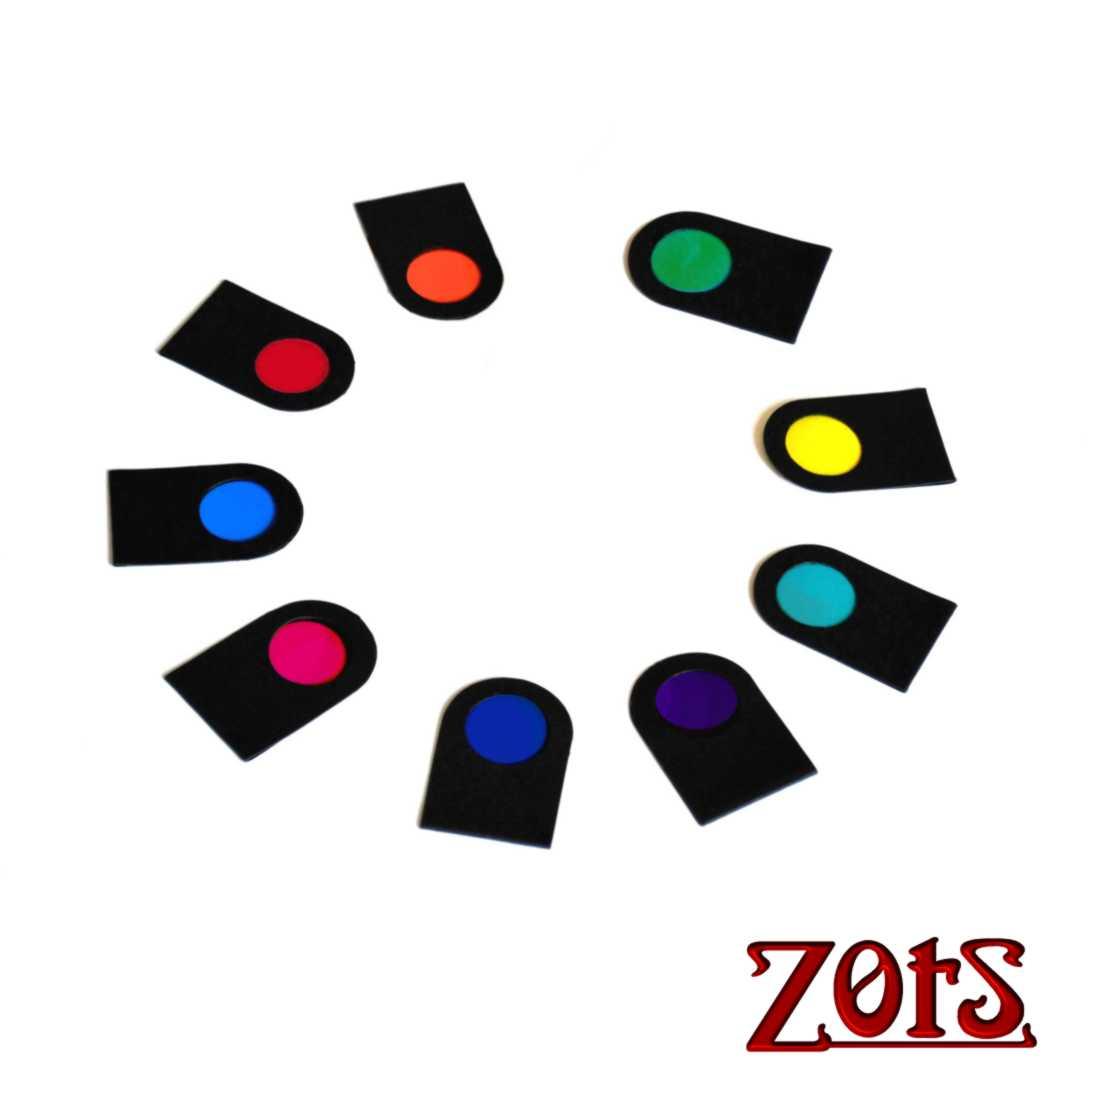 Bastão Colorpuntura  -  Zots